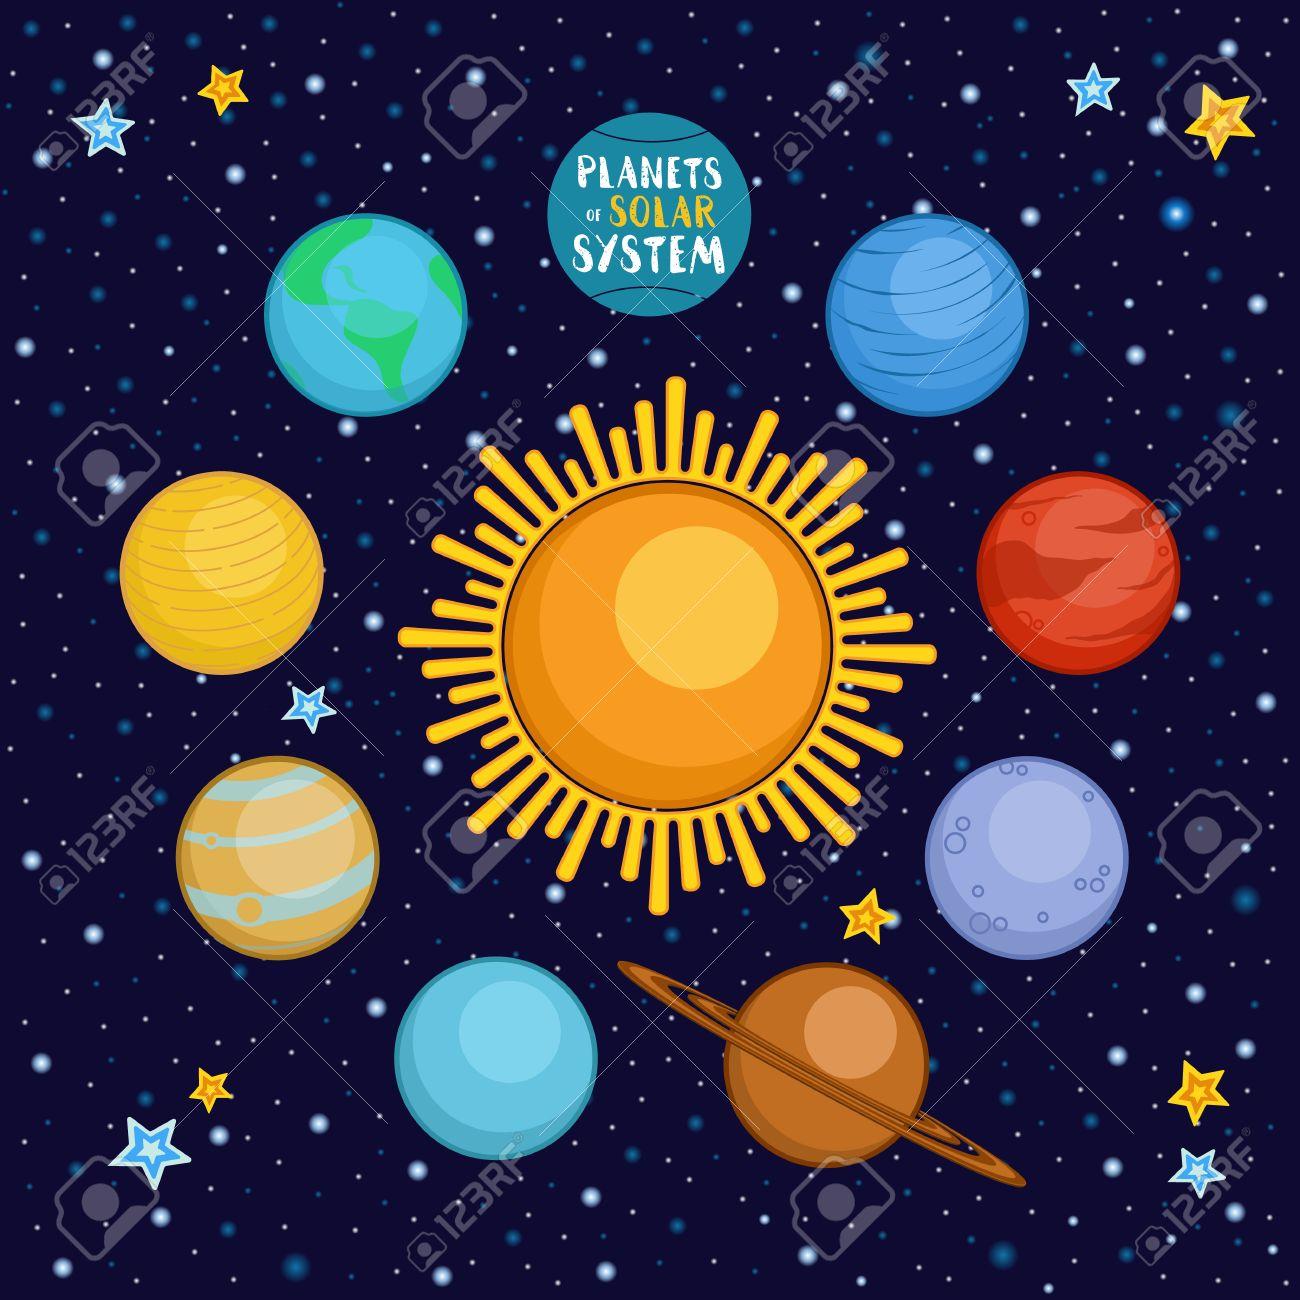 Los Planetas Del Sistema Solar En El Espacio Exterior Estilo De Dibujos Animados Ilustración Vectorial Planetas Estilo De Dibujos Animados Lindo